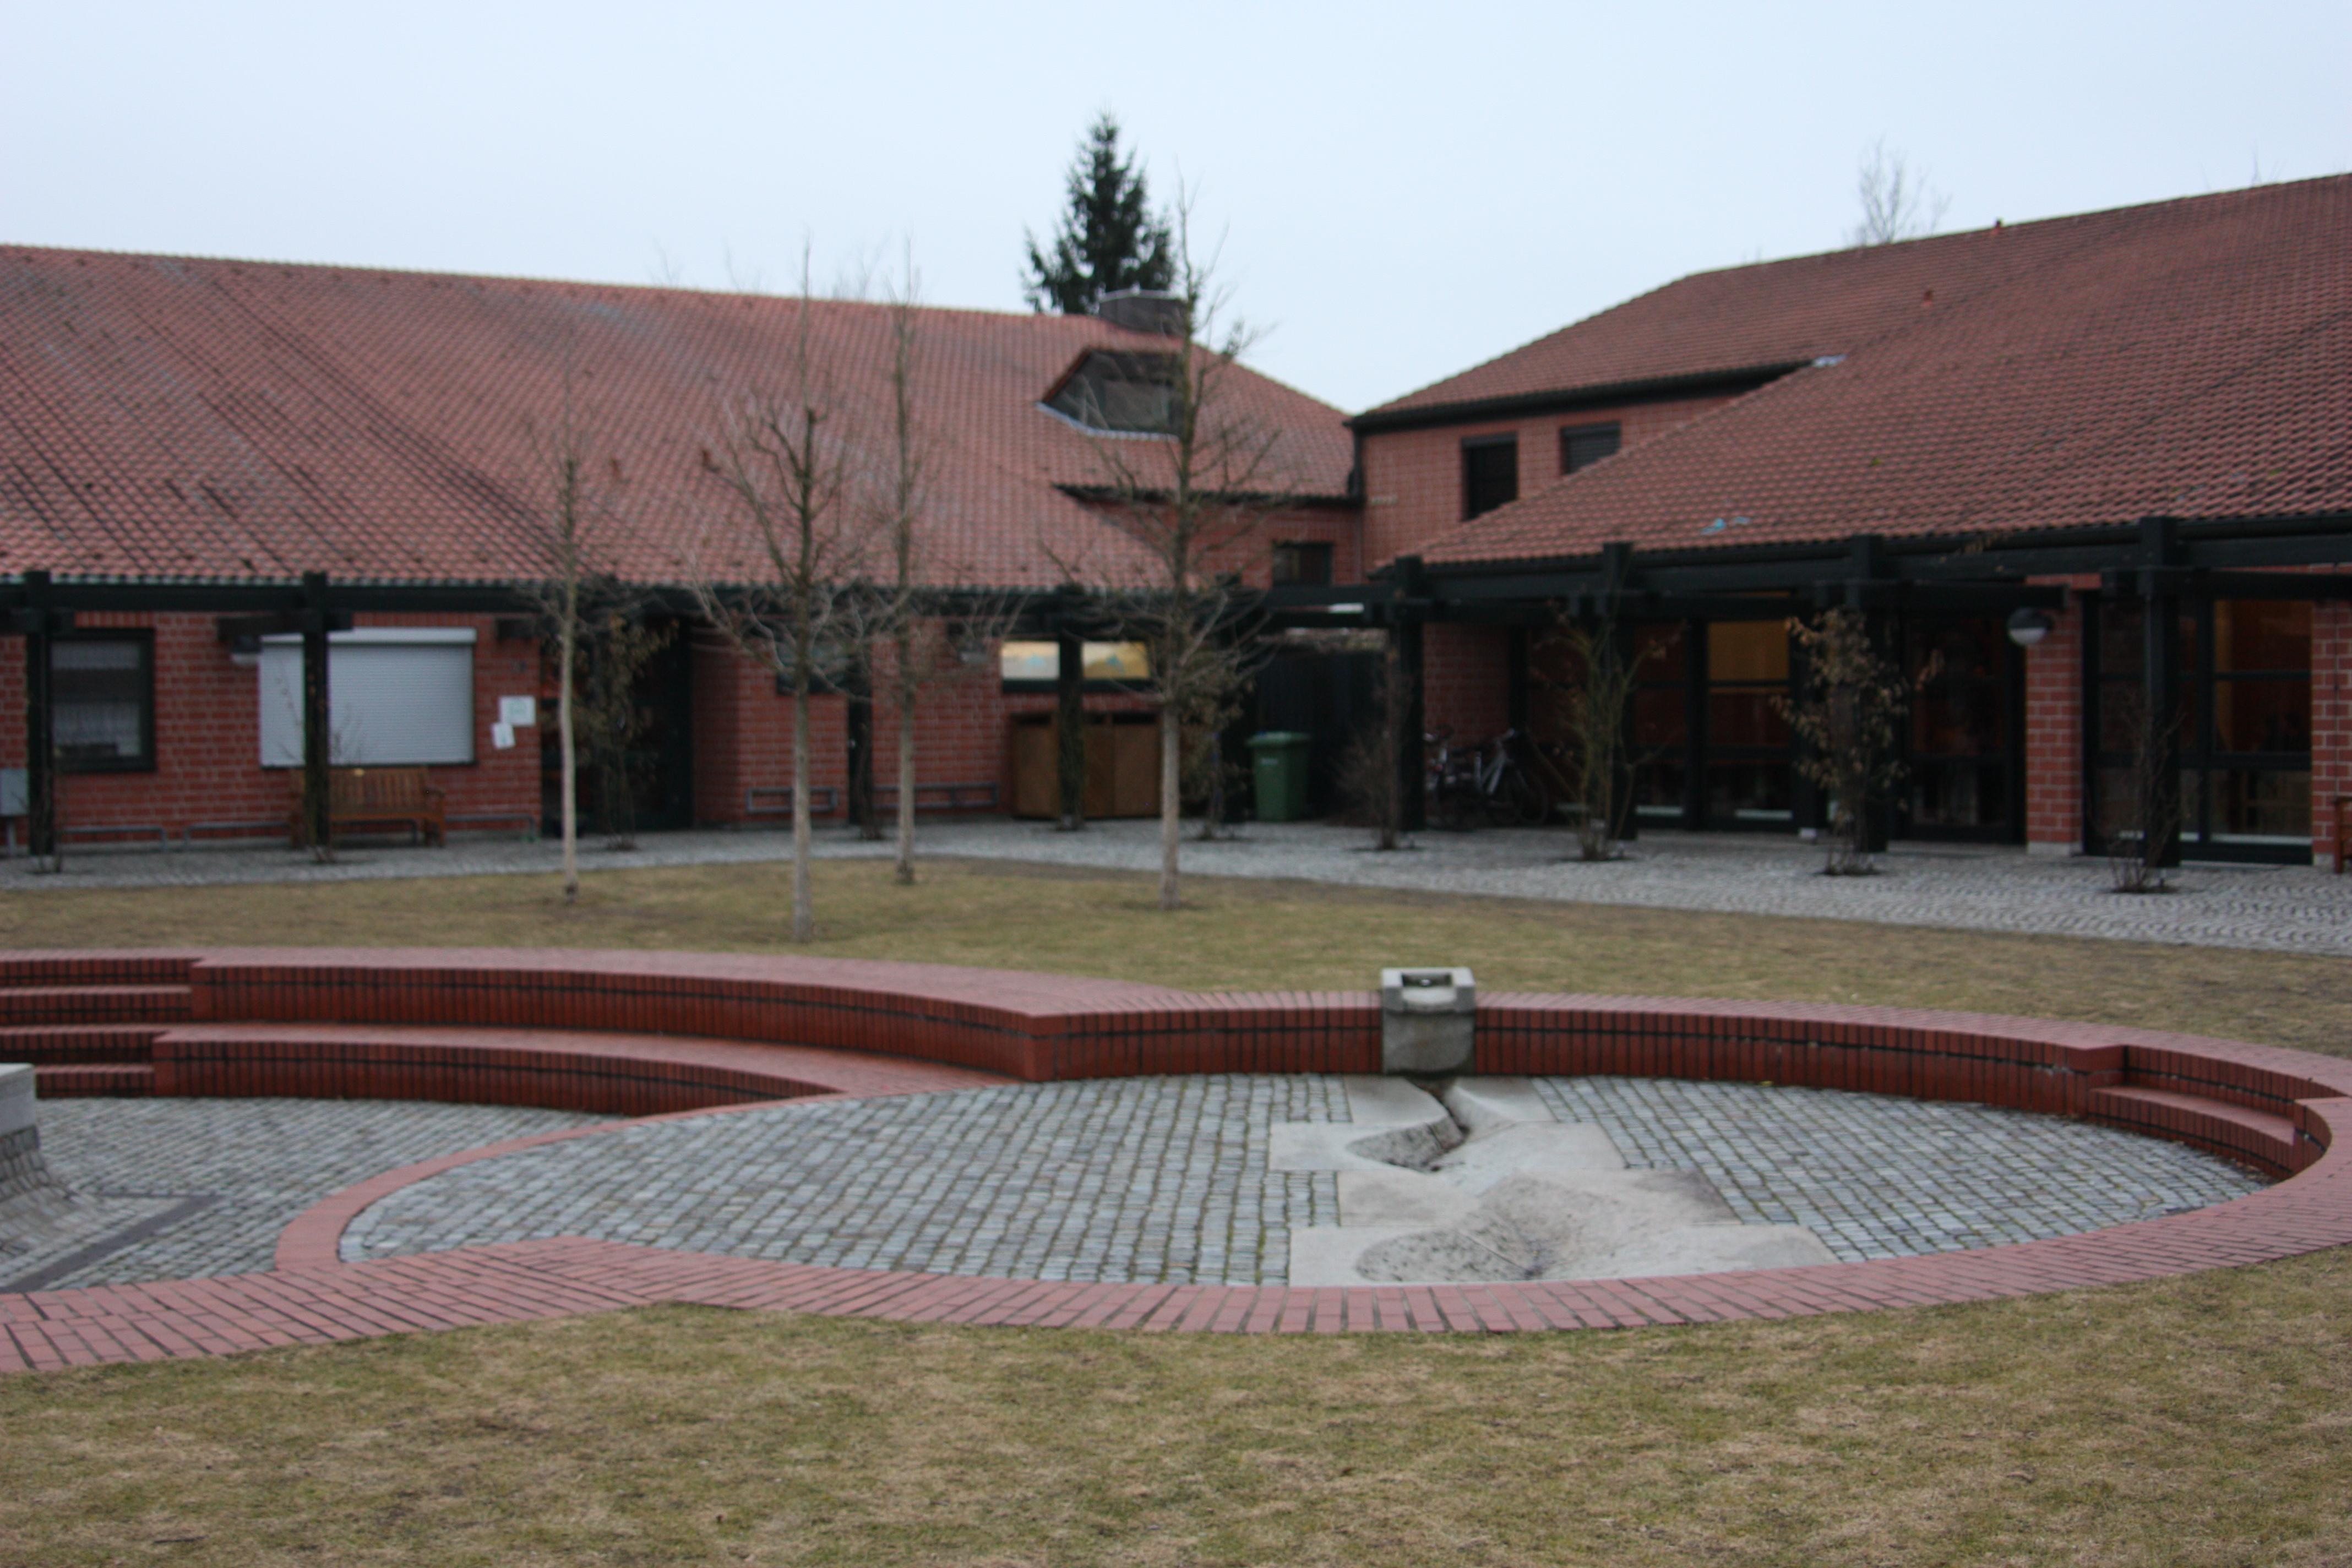 IMG_5002 - Kirchengemeinde St. Andreas Nürnberg